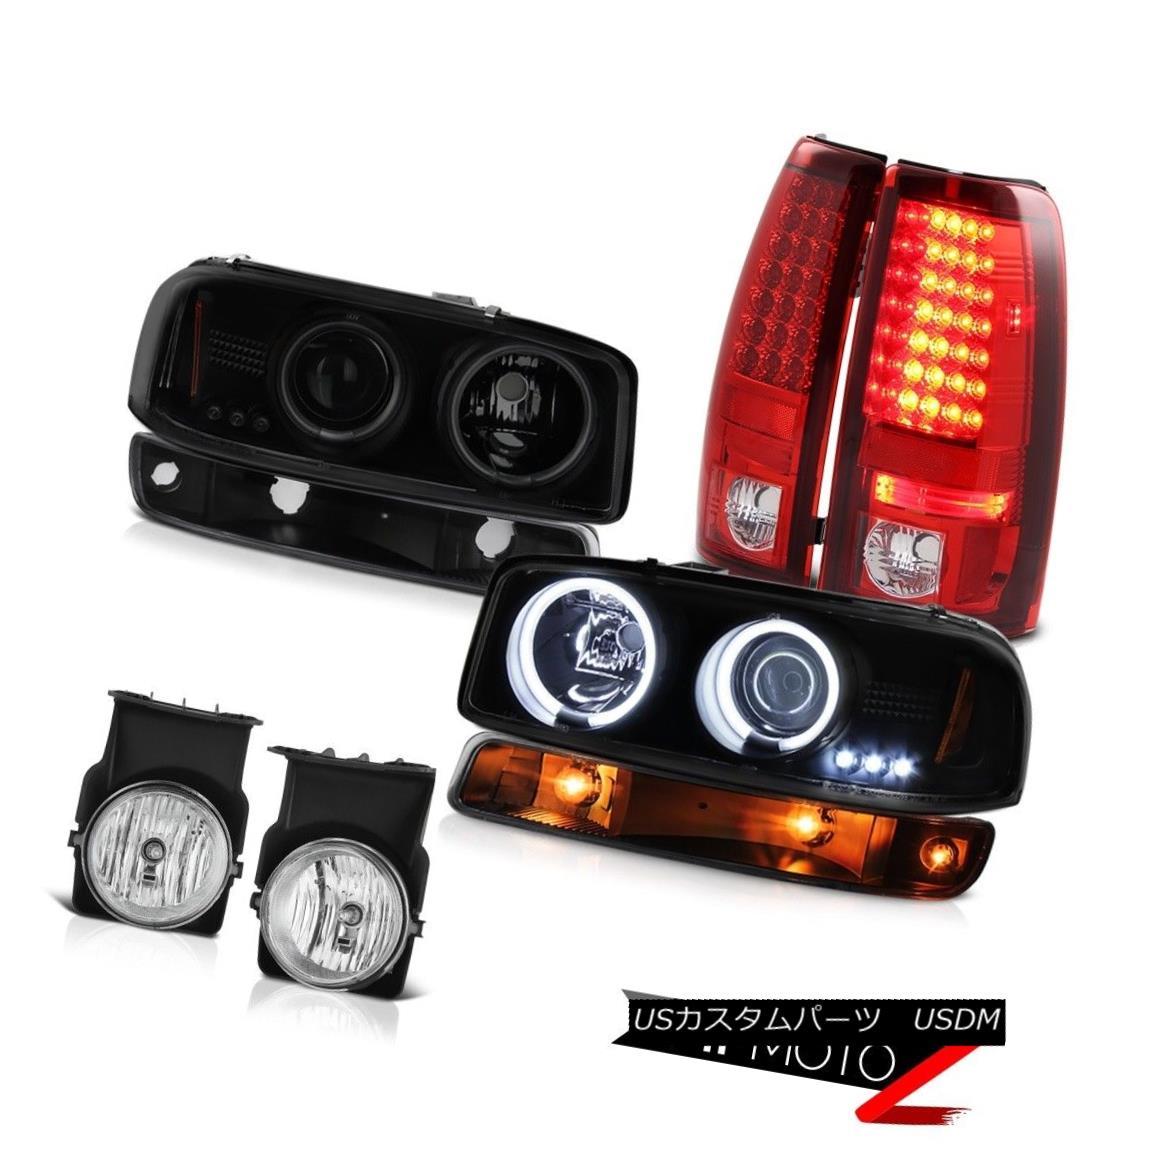 テールライト 03 04 05 06 Sierra WT Chrome foglamps rosso red taillamps signal light headlamps 03 04 05 06シエラWTクロームフォグランプローソレッドテールライトシグナルライトヘッドランプ